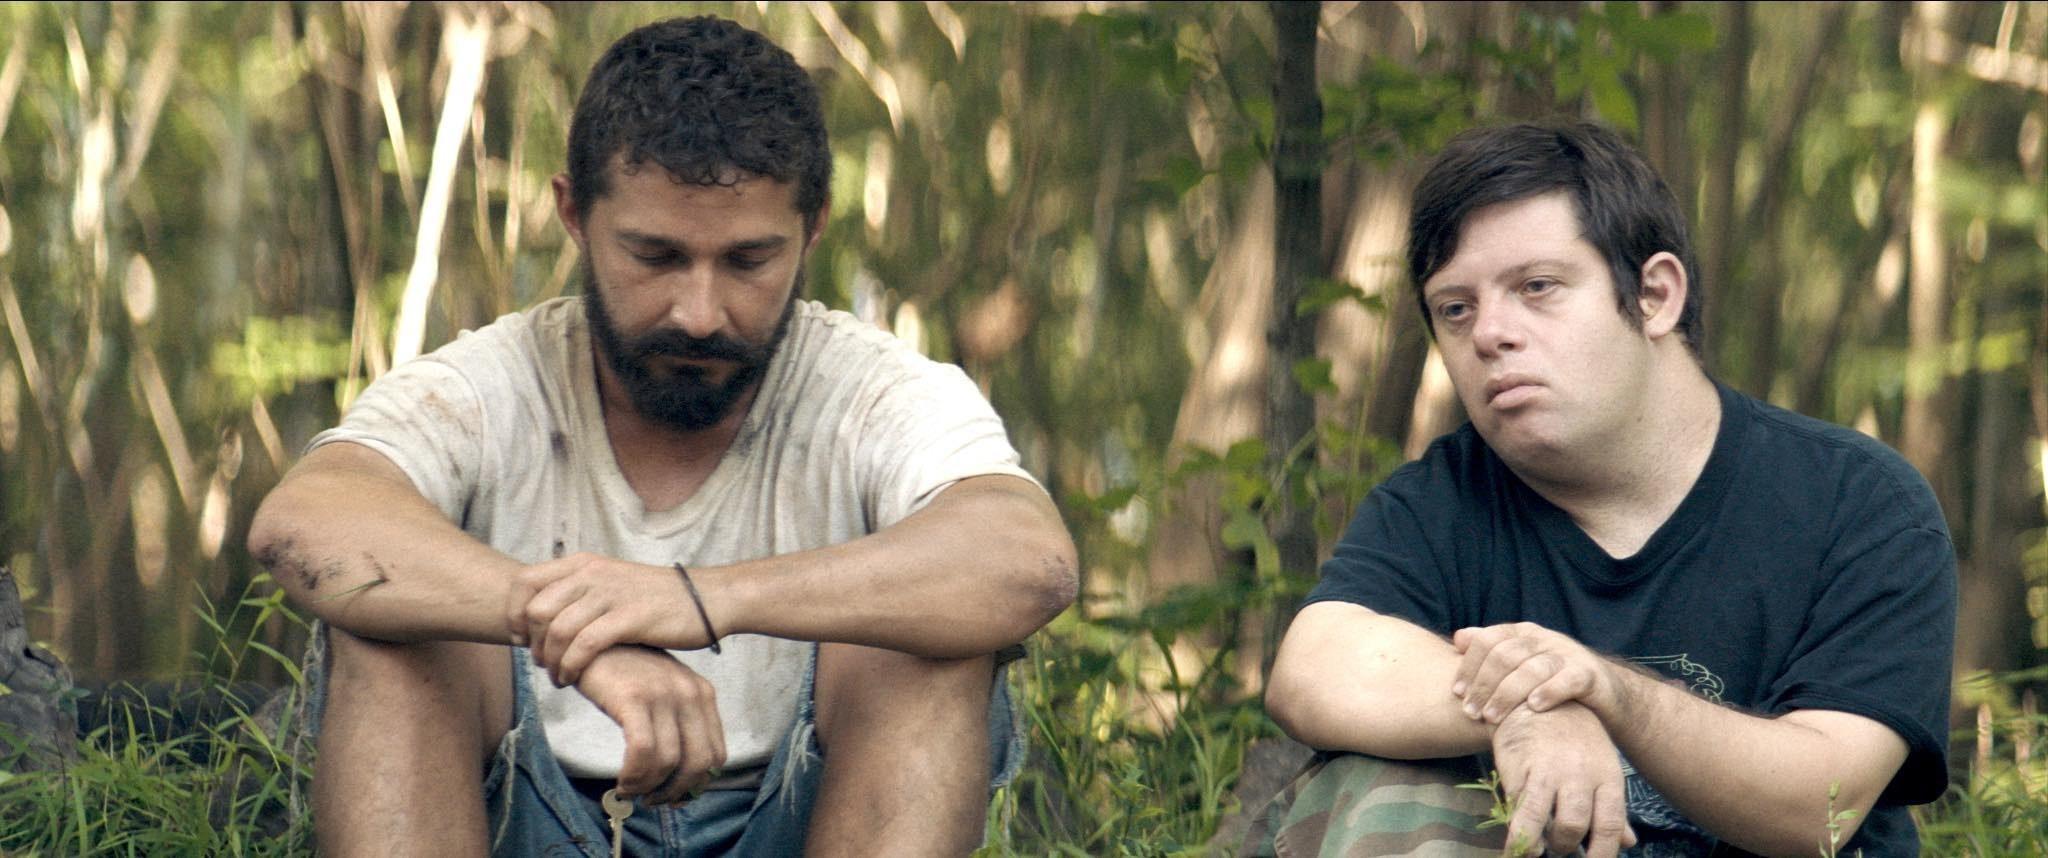 Shia LaBoeuf and Zack Gottsagen in The Peanut Butter Falcon